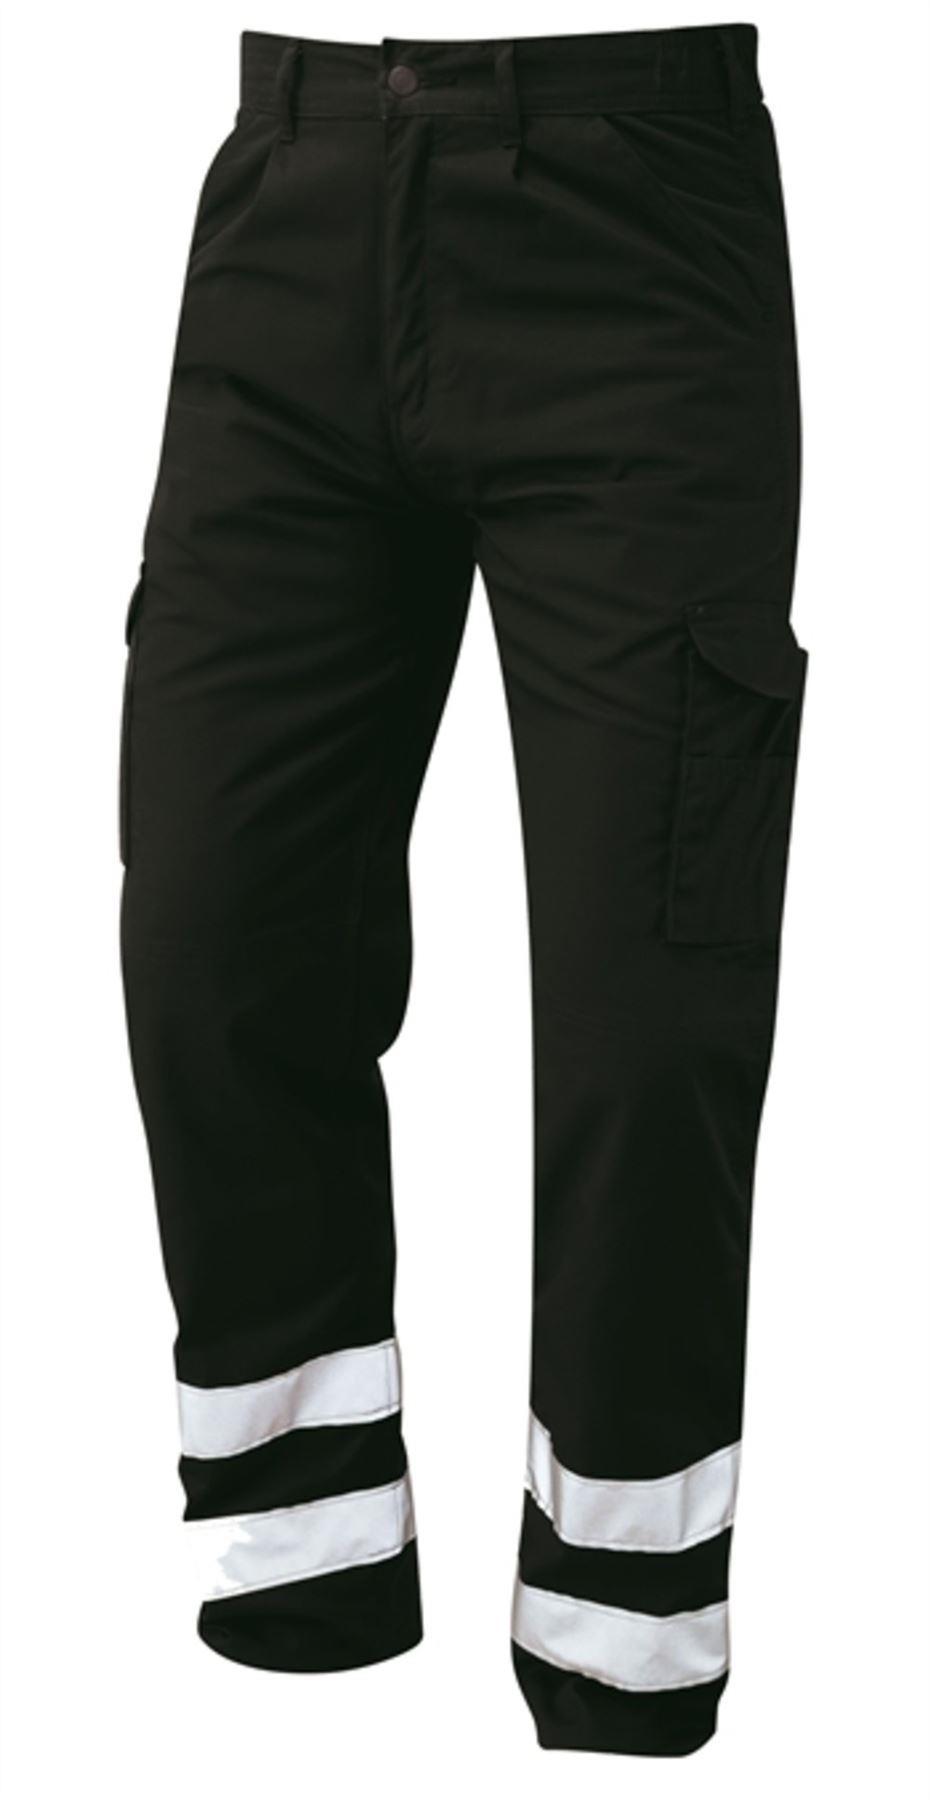 Orn Condor Hi Vis Kneepad Trousers - Black|56W29L